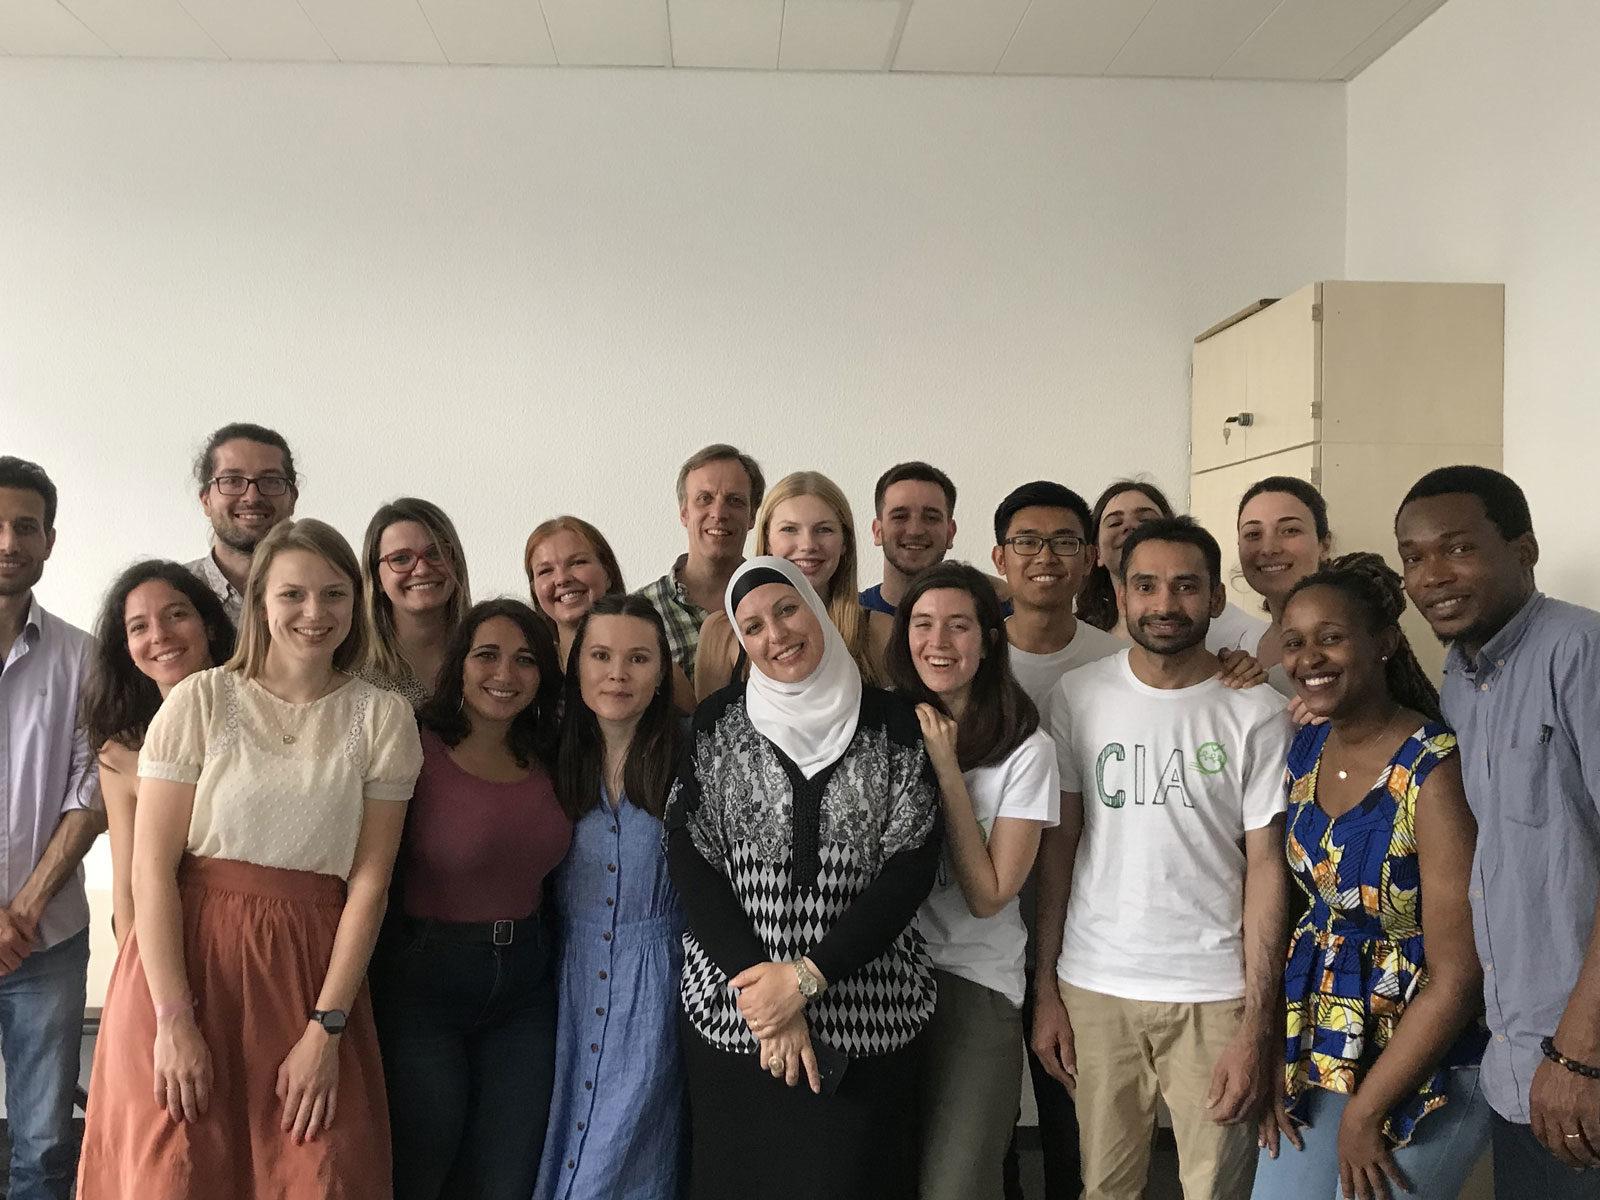 Gruppenfoto mit den Studierenden der Ruhr-Universität Bochum aus dem NOHA (Network on Humanitarian Action) Master